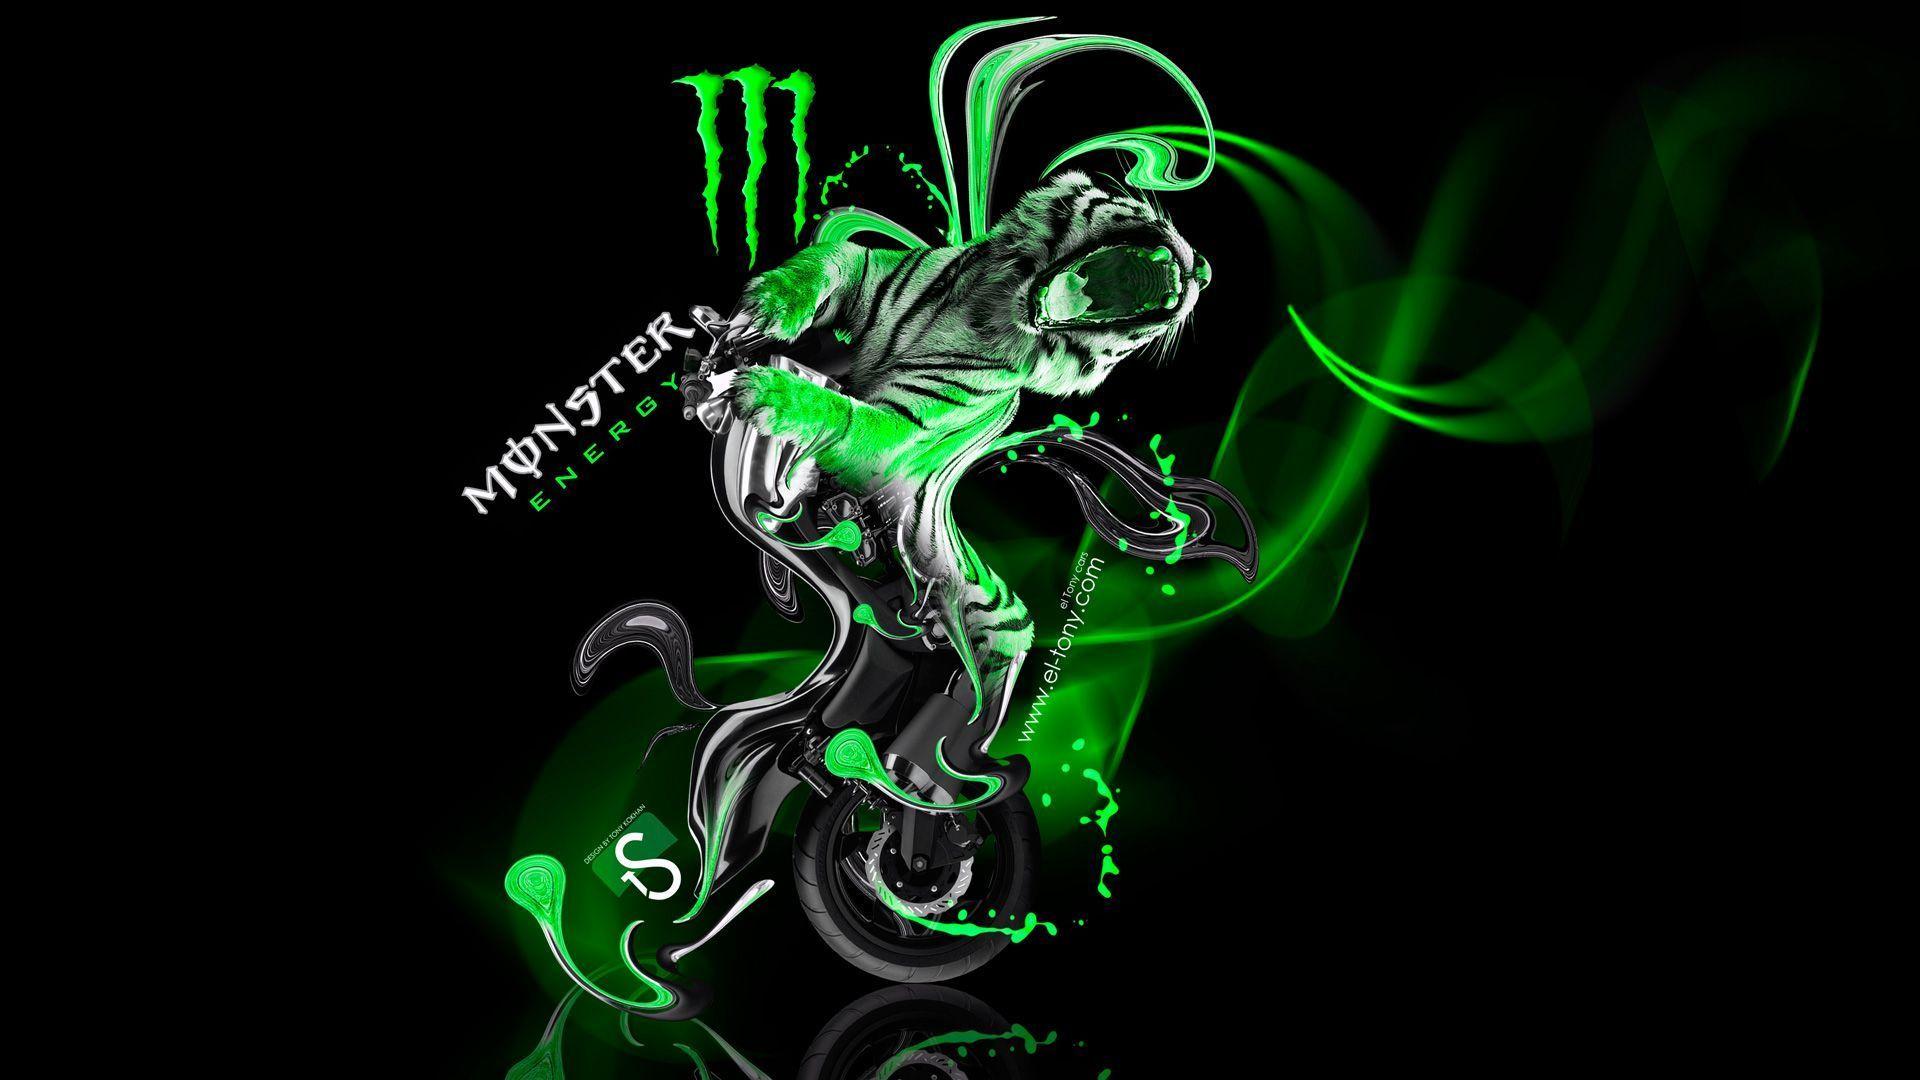 Monster Wallpaper Mobile Monster Energy Green Monsters Monster